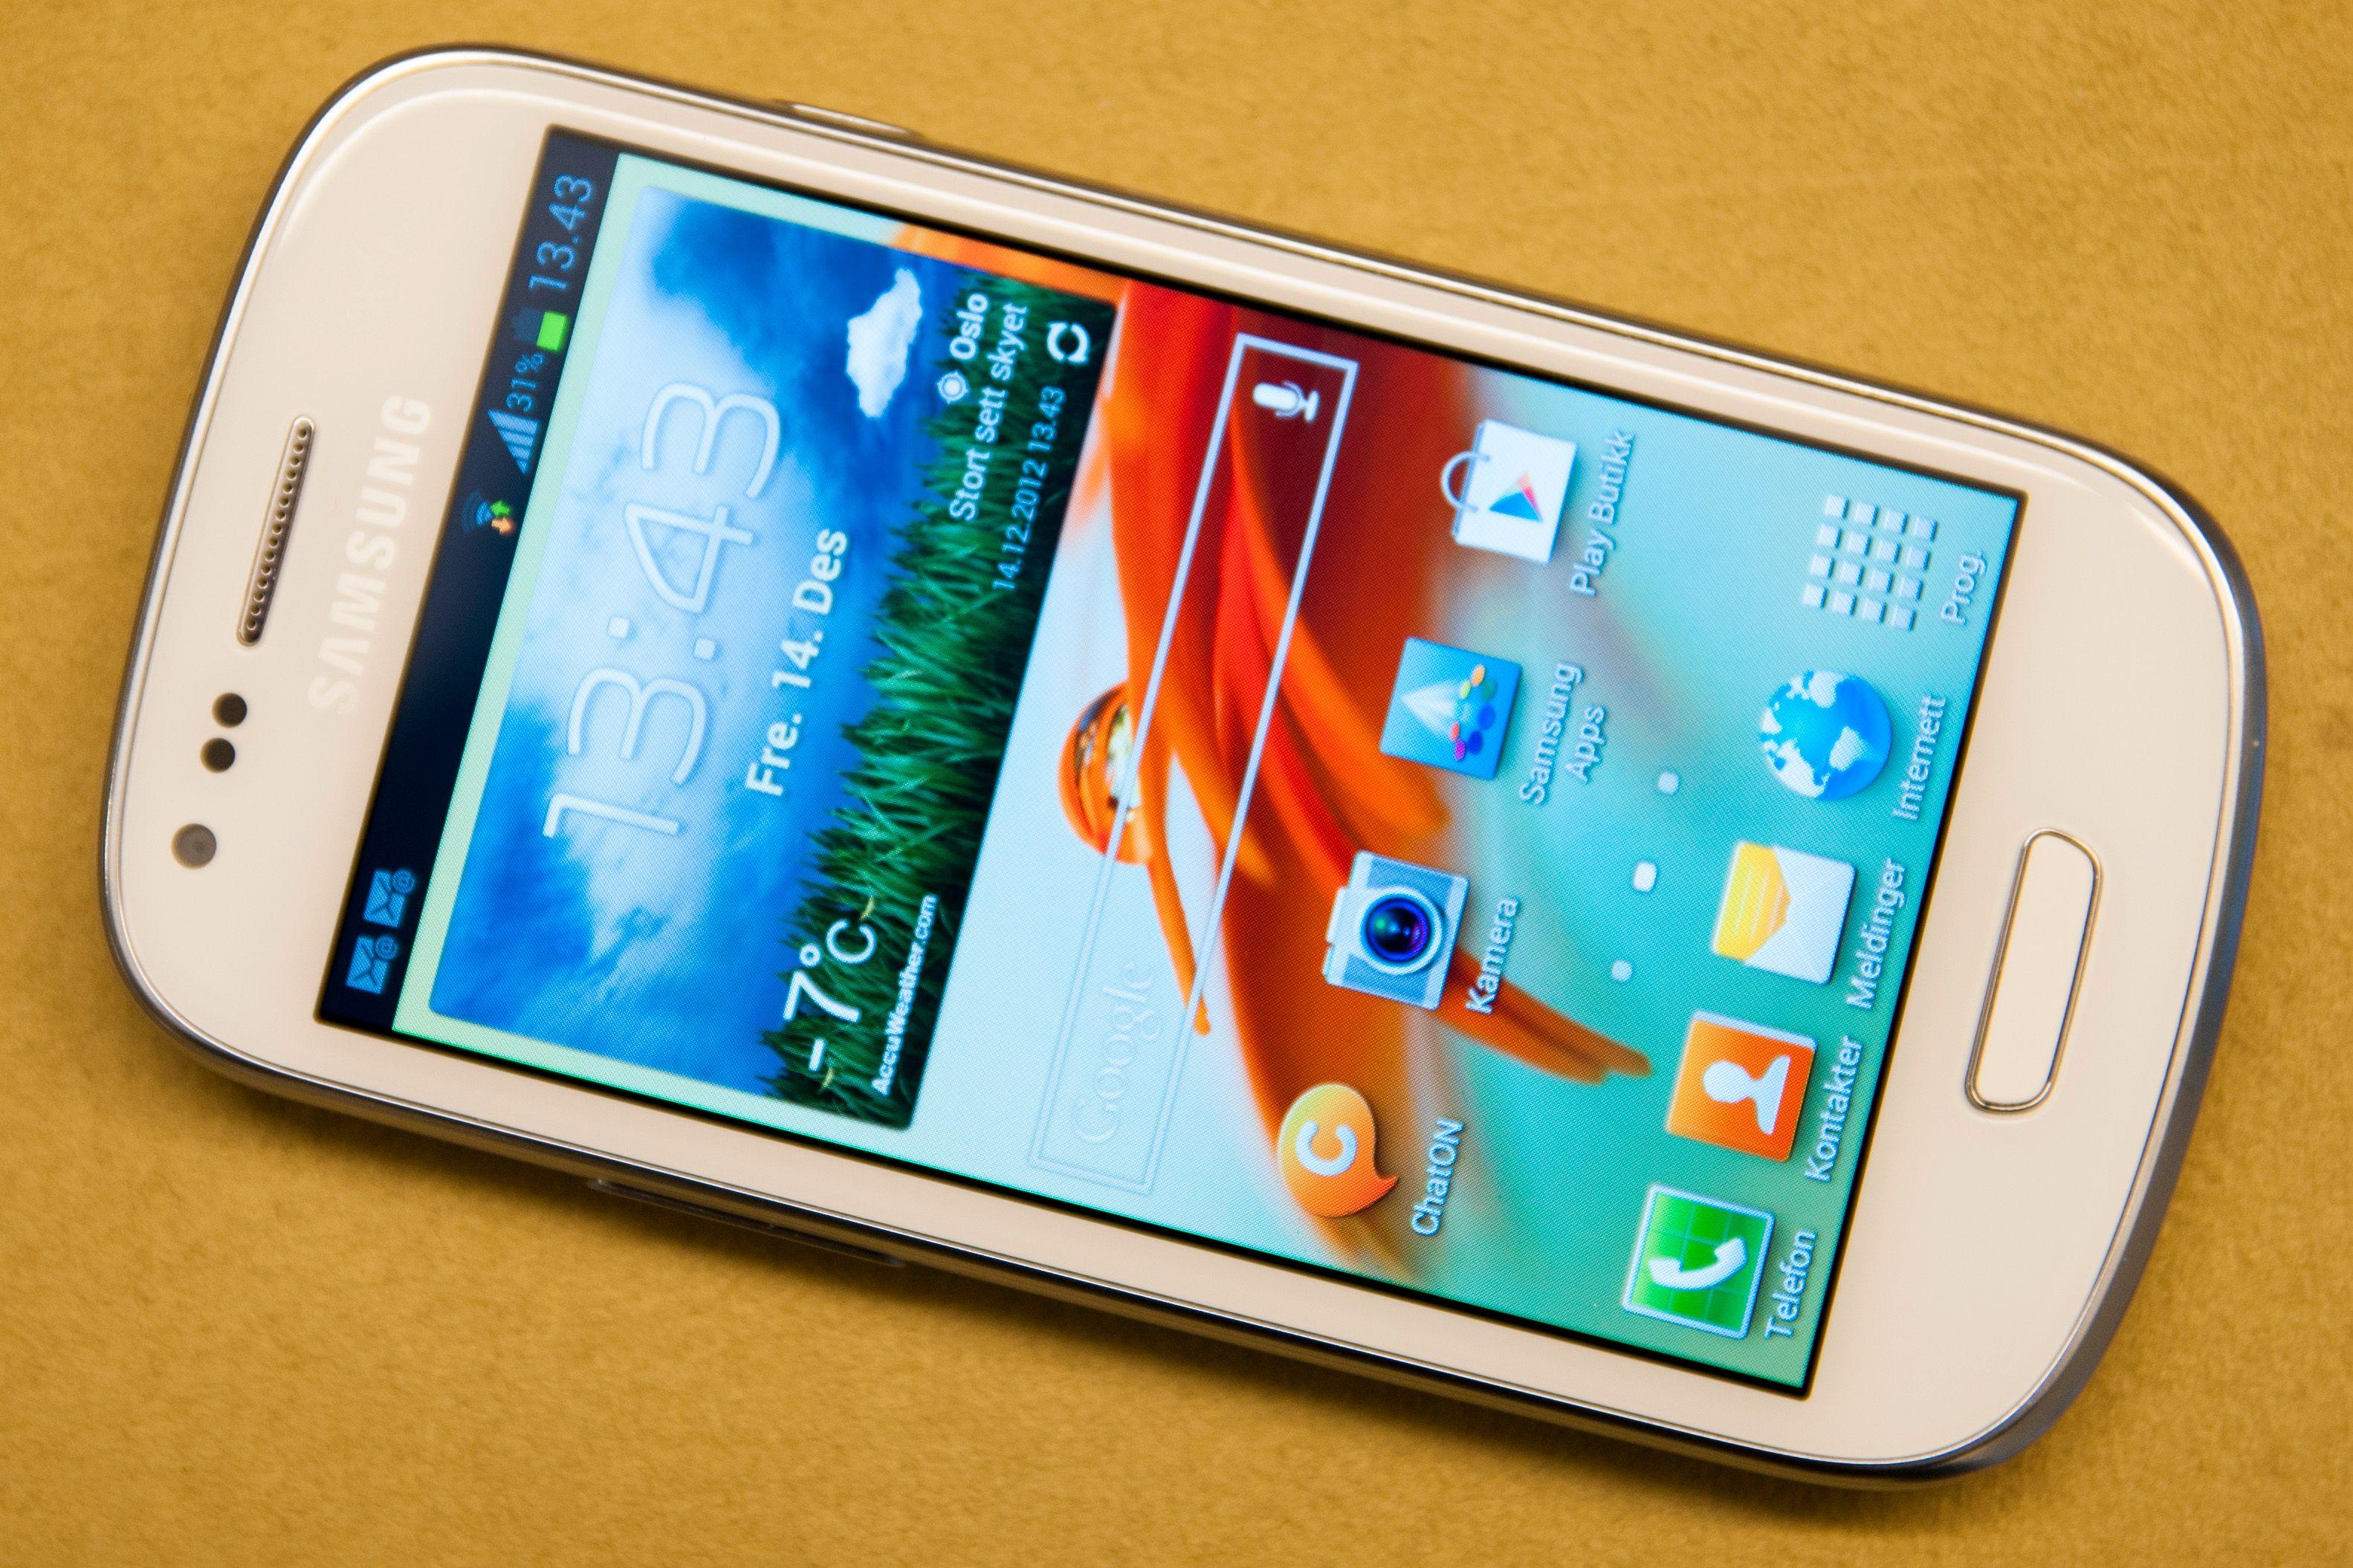 Samsung Galaxy S III Mini Test Tek.no